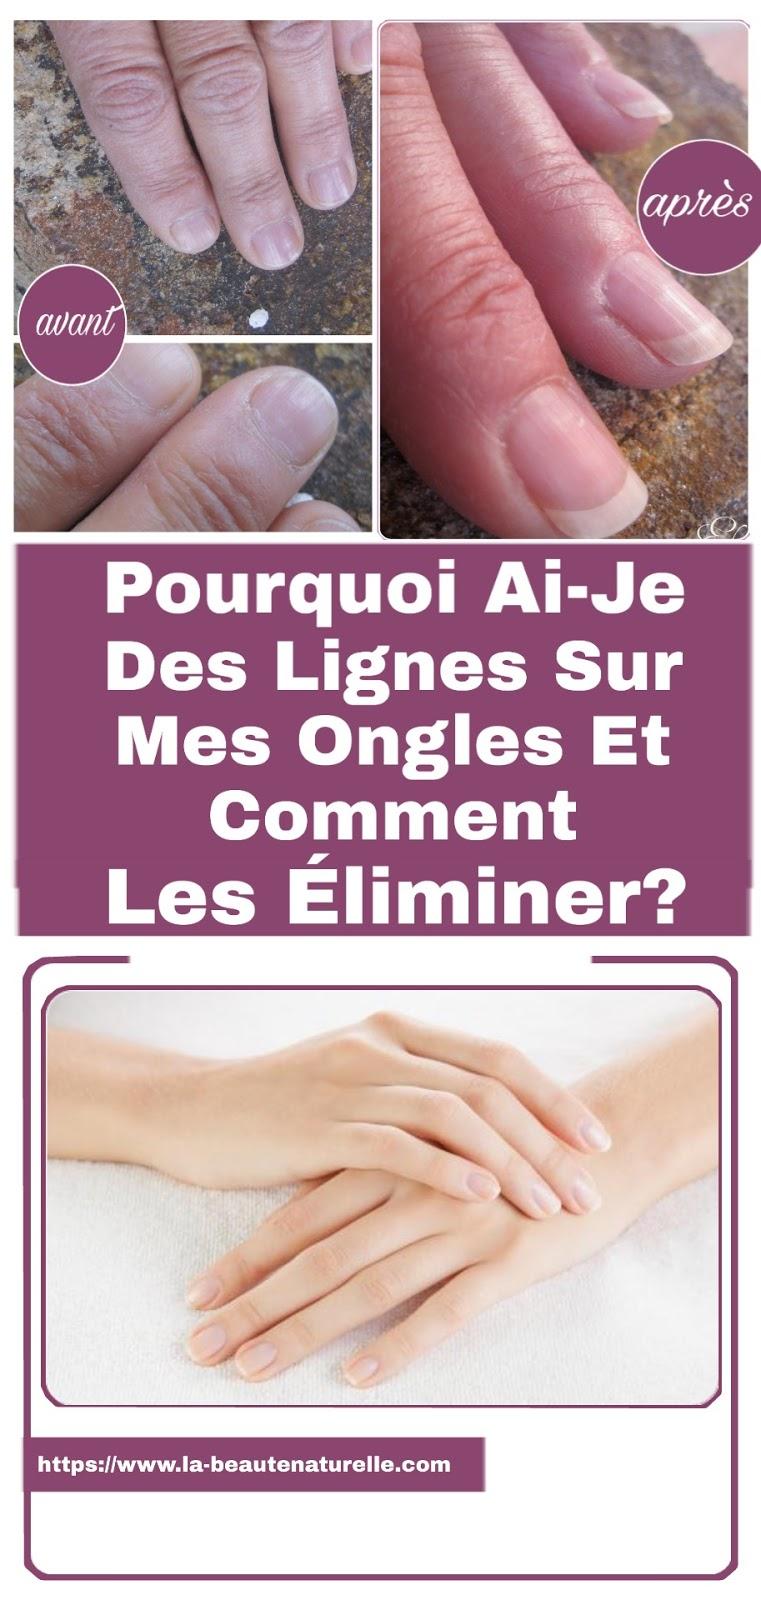 Pourquoi Ai-Je Des Lignes Sur Mes Ongles Et Comment Les Éliminer?